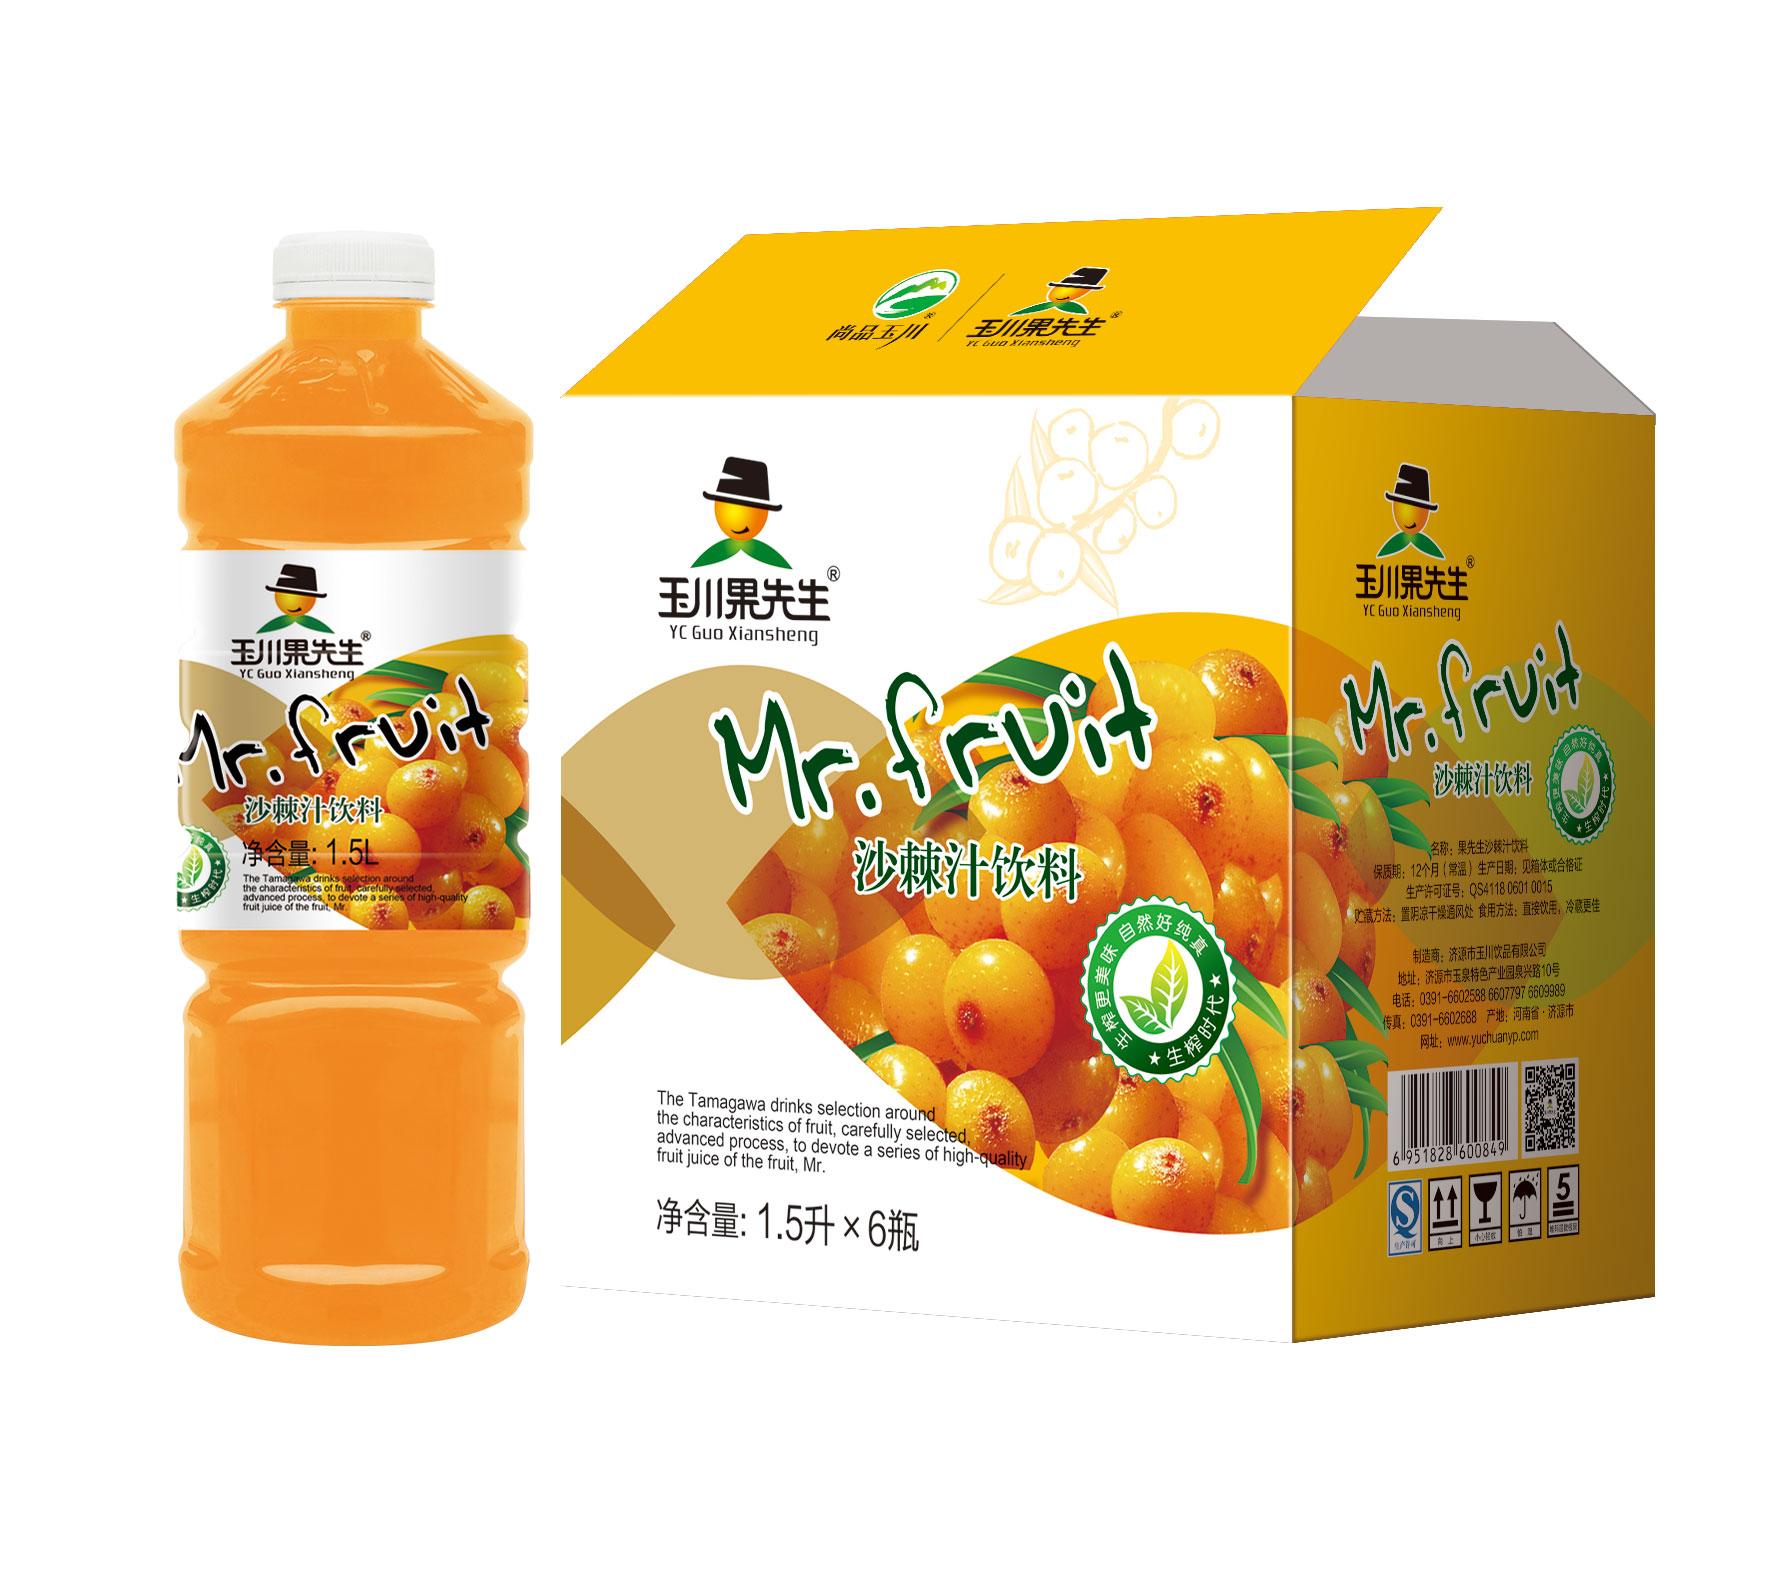 1.5L×6果先生沙棘汁饮料